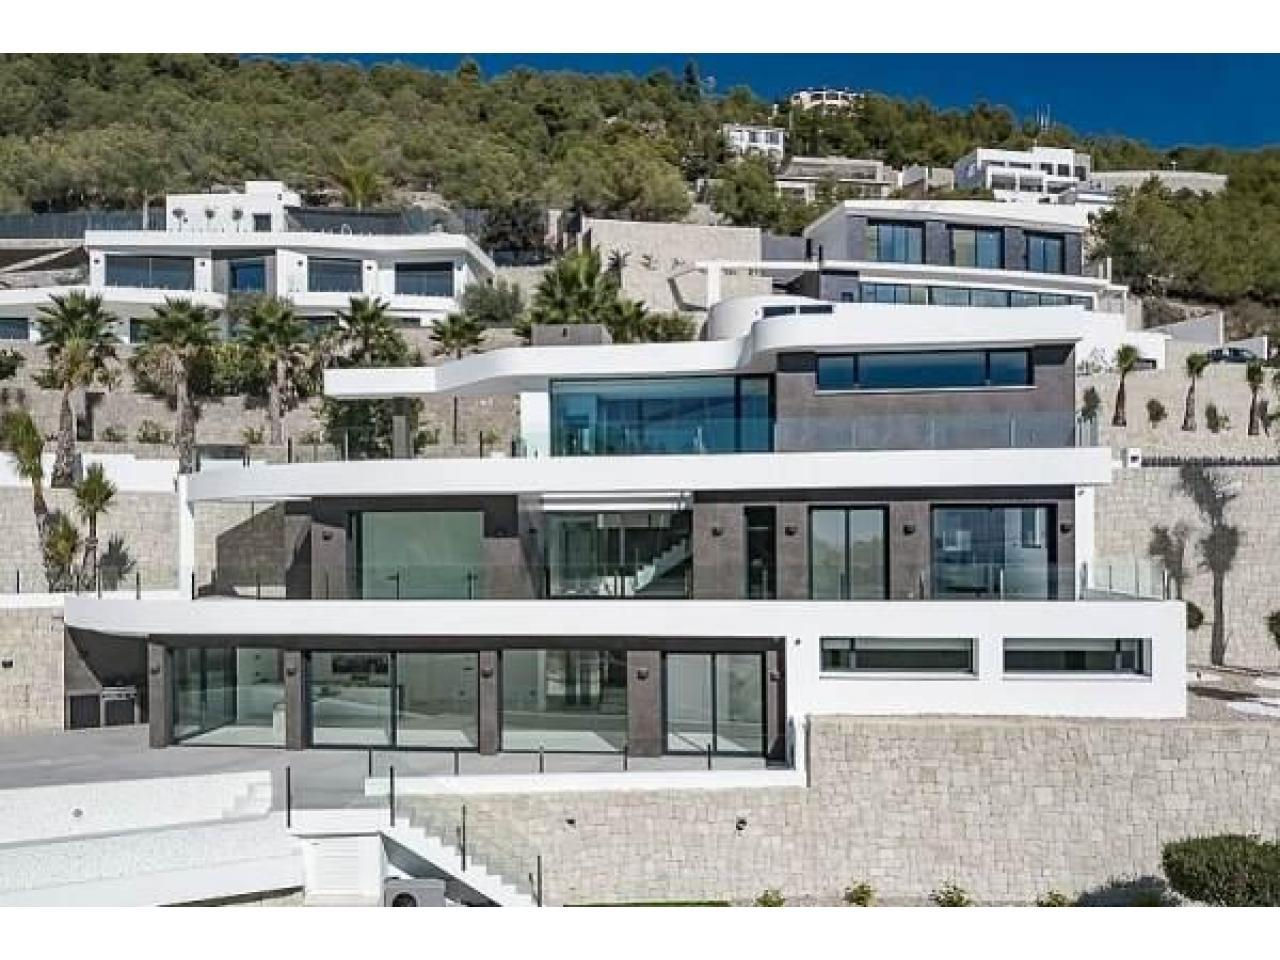 Недвижимость в Испании, Новая вилла с видами на море от застройщика в Венисса,Коста Бланка,Испания - 1